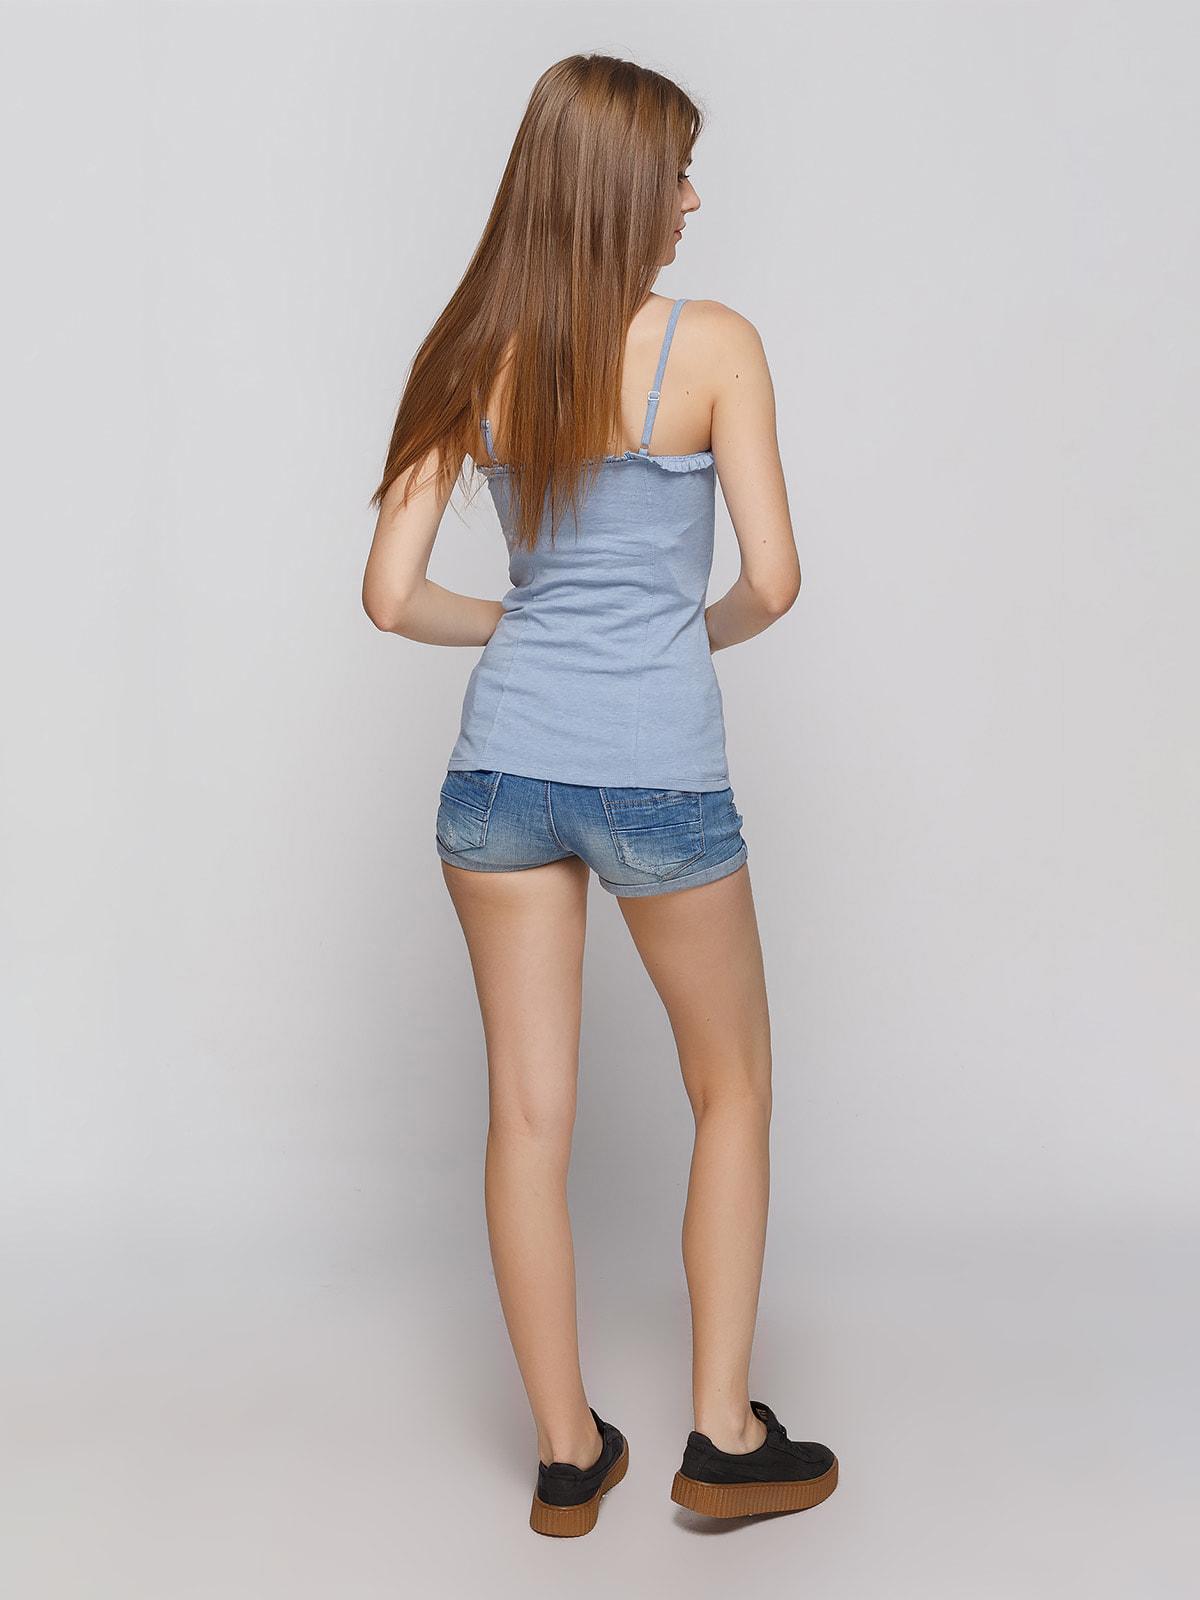 Шорты синие джинсовые   4625095   фото 3